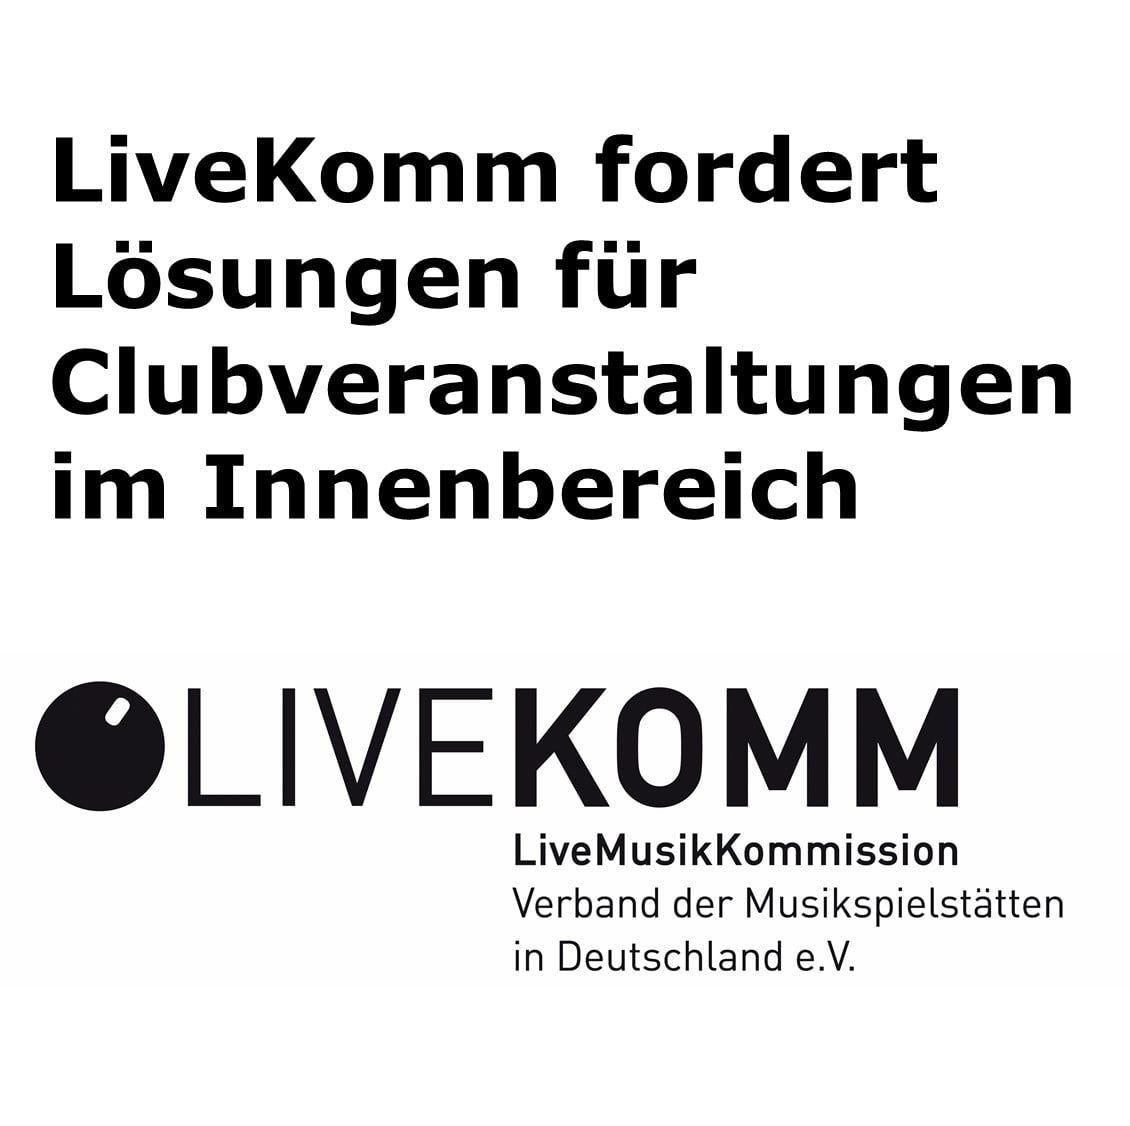 LiveKomm fordert Lösungen für Clubveranstaltungen im Innenbereich